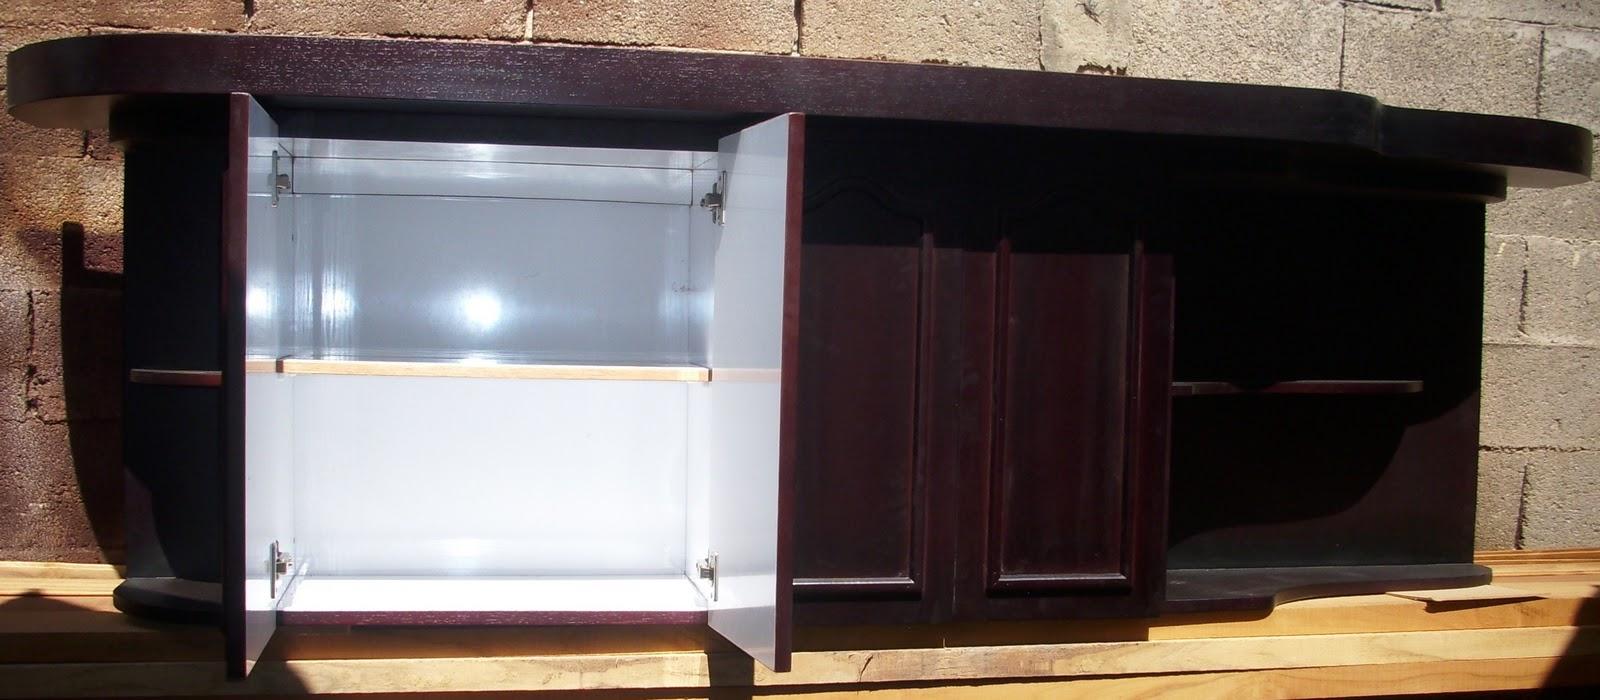 Muebles De Cocina Marron Oscuro Azarak Com Ideas Interesantes  # Muebles Marrones